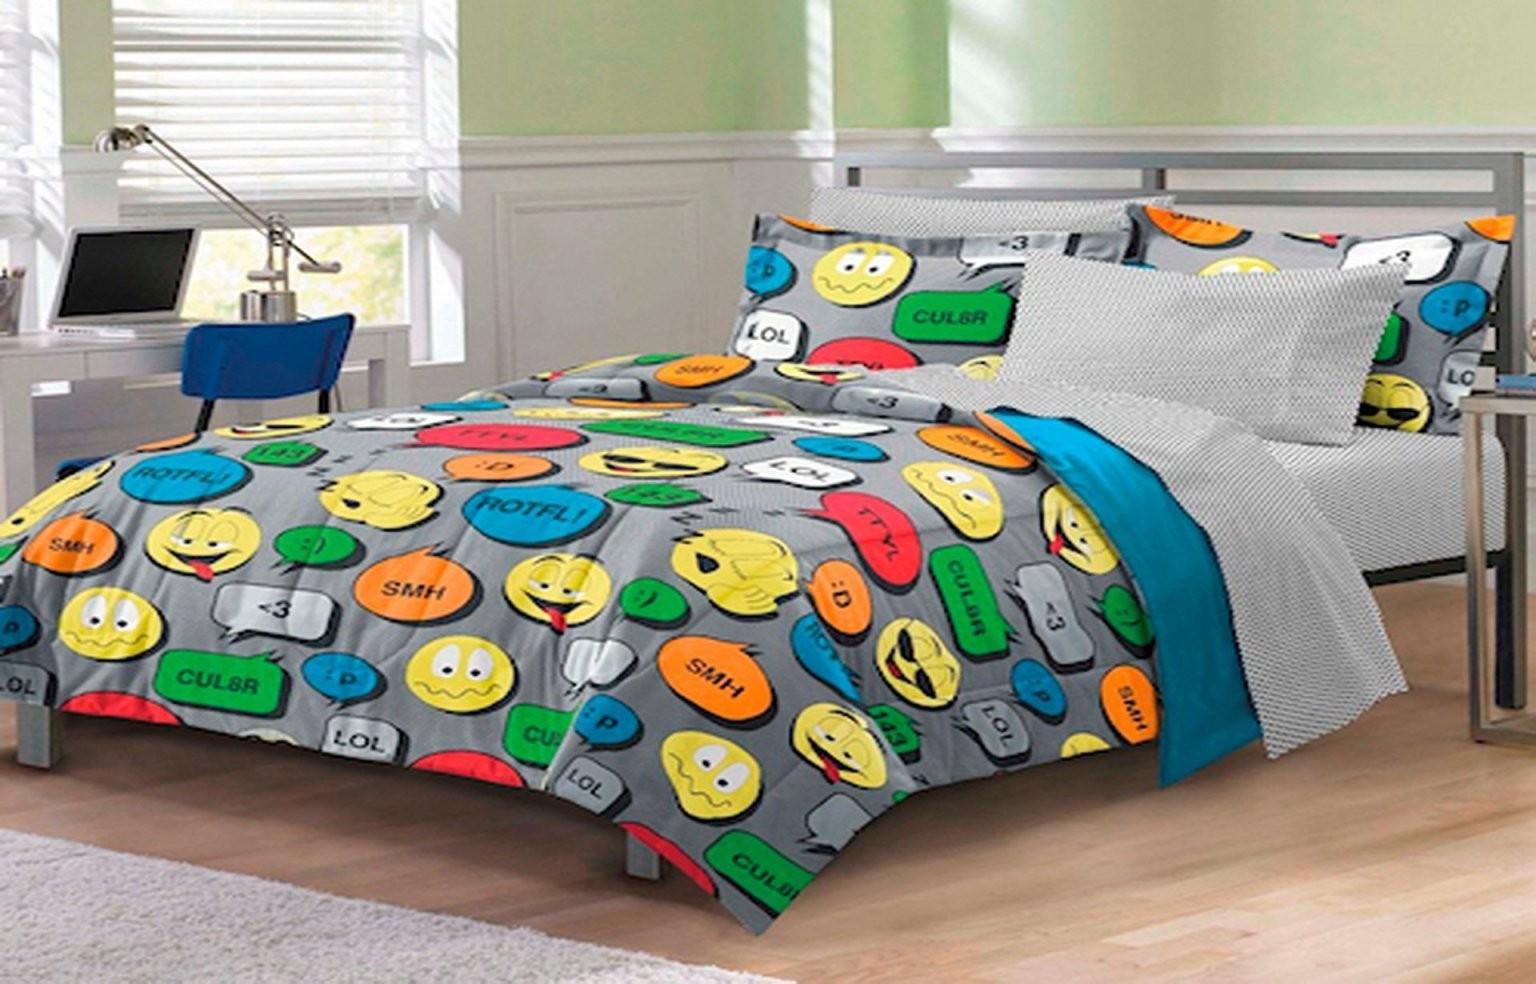 Jung Und Wild Zimmer 21 Coole Bettwäsche Für Teenager von Coole Bettwäsche Für Teenager Bild